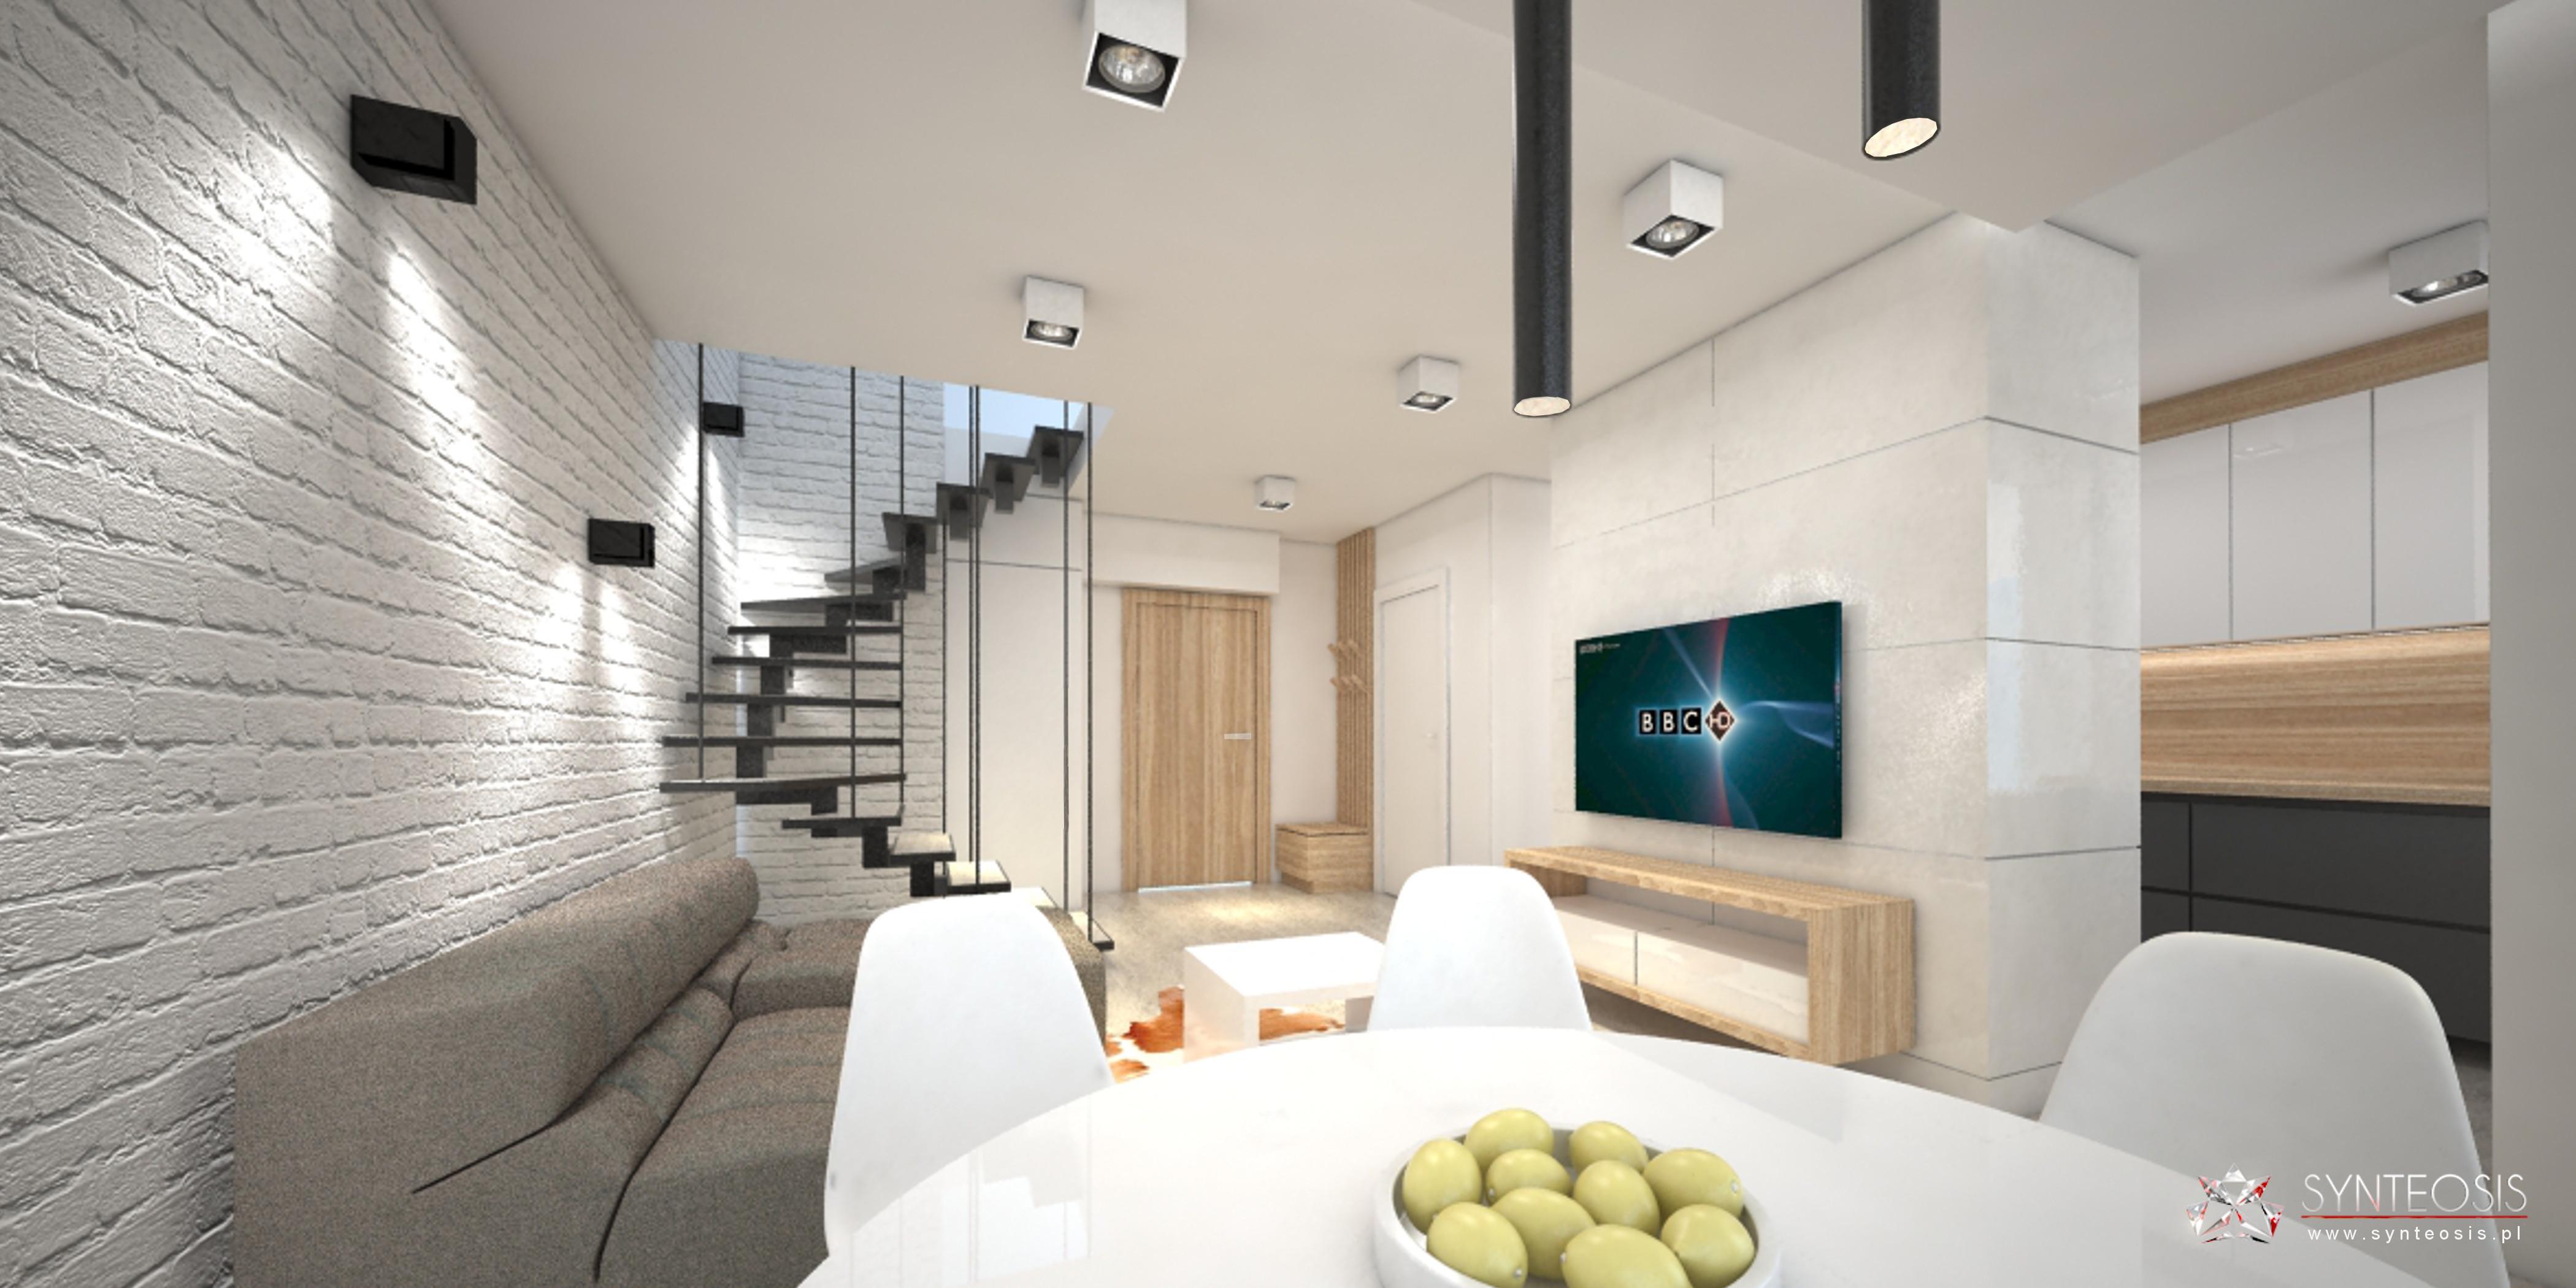 Aranżacja wnętrz apartamentu w świnoujściu